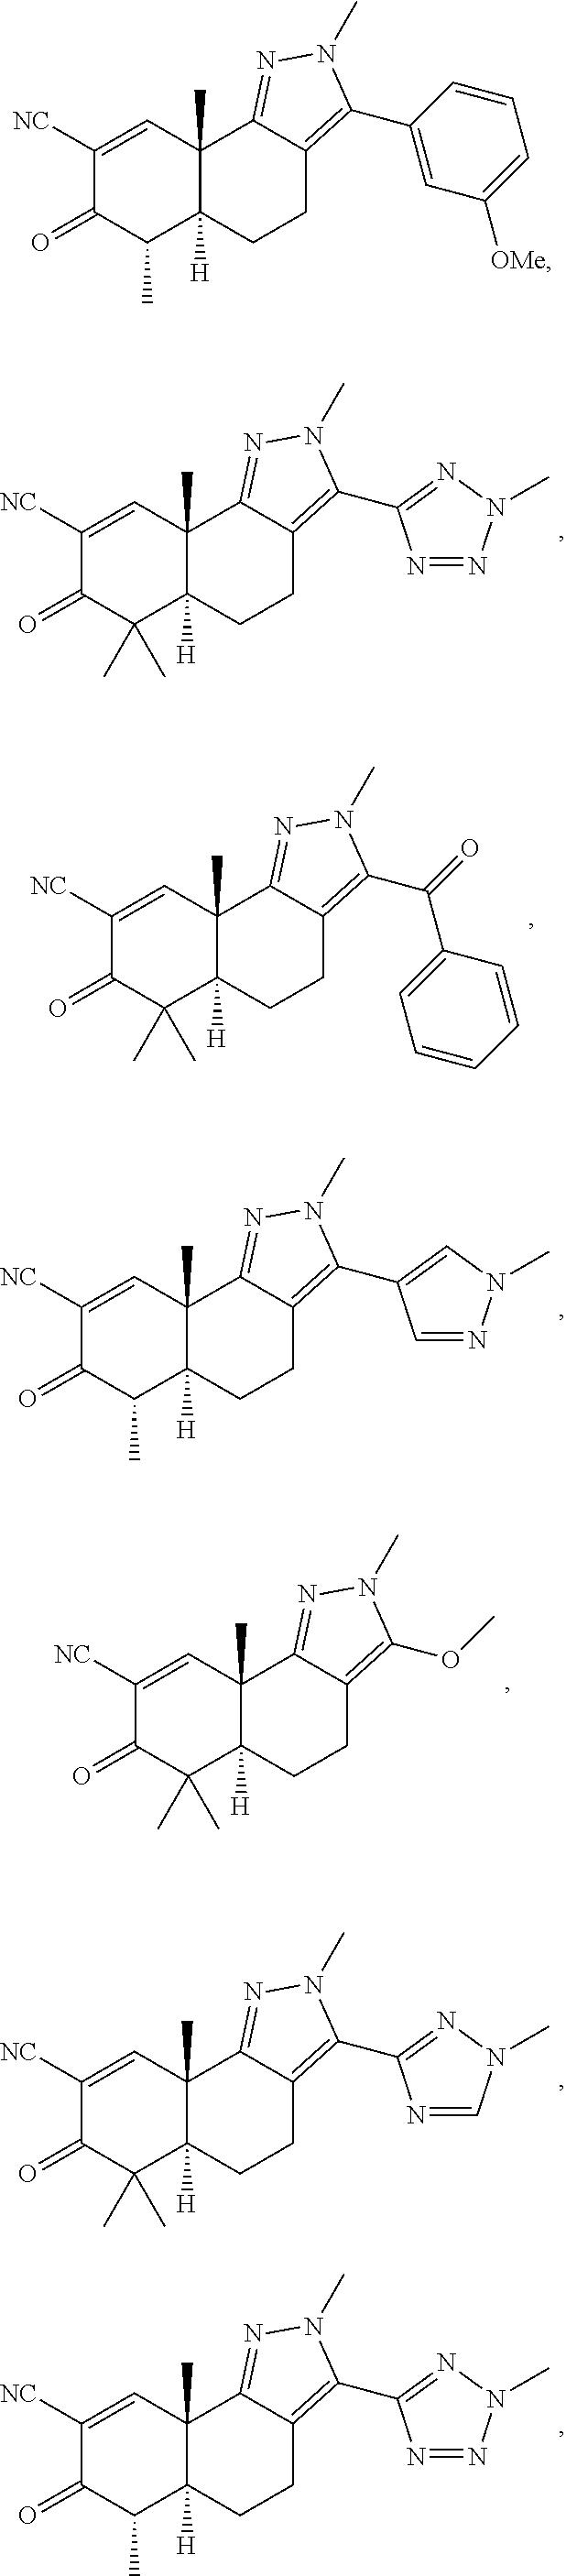 Figure US09174941-20151103-C00020